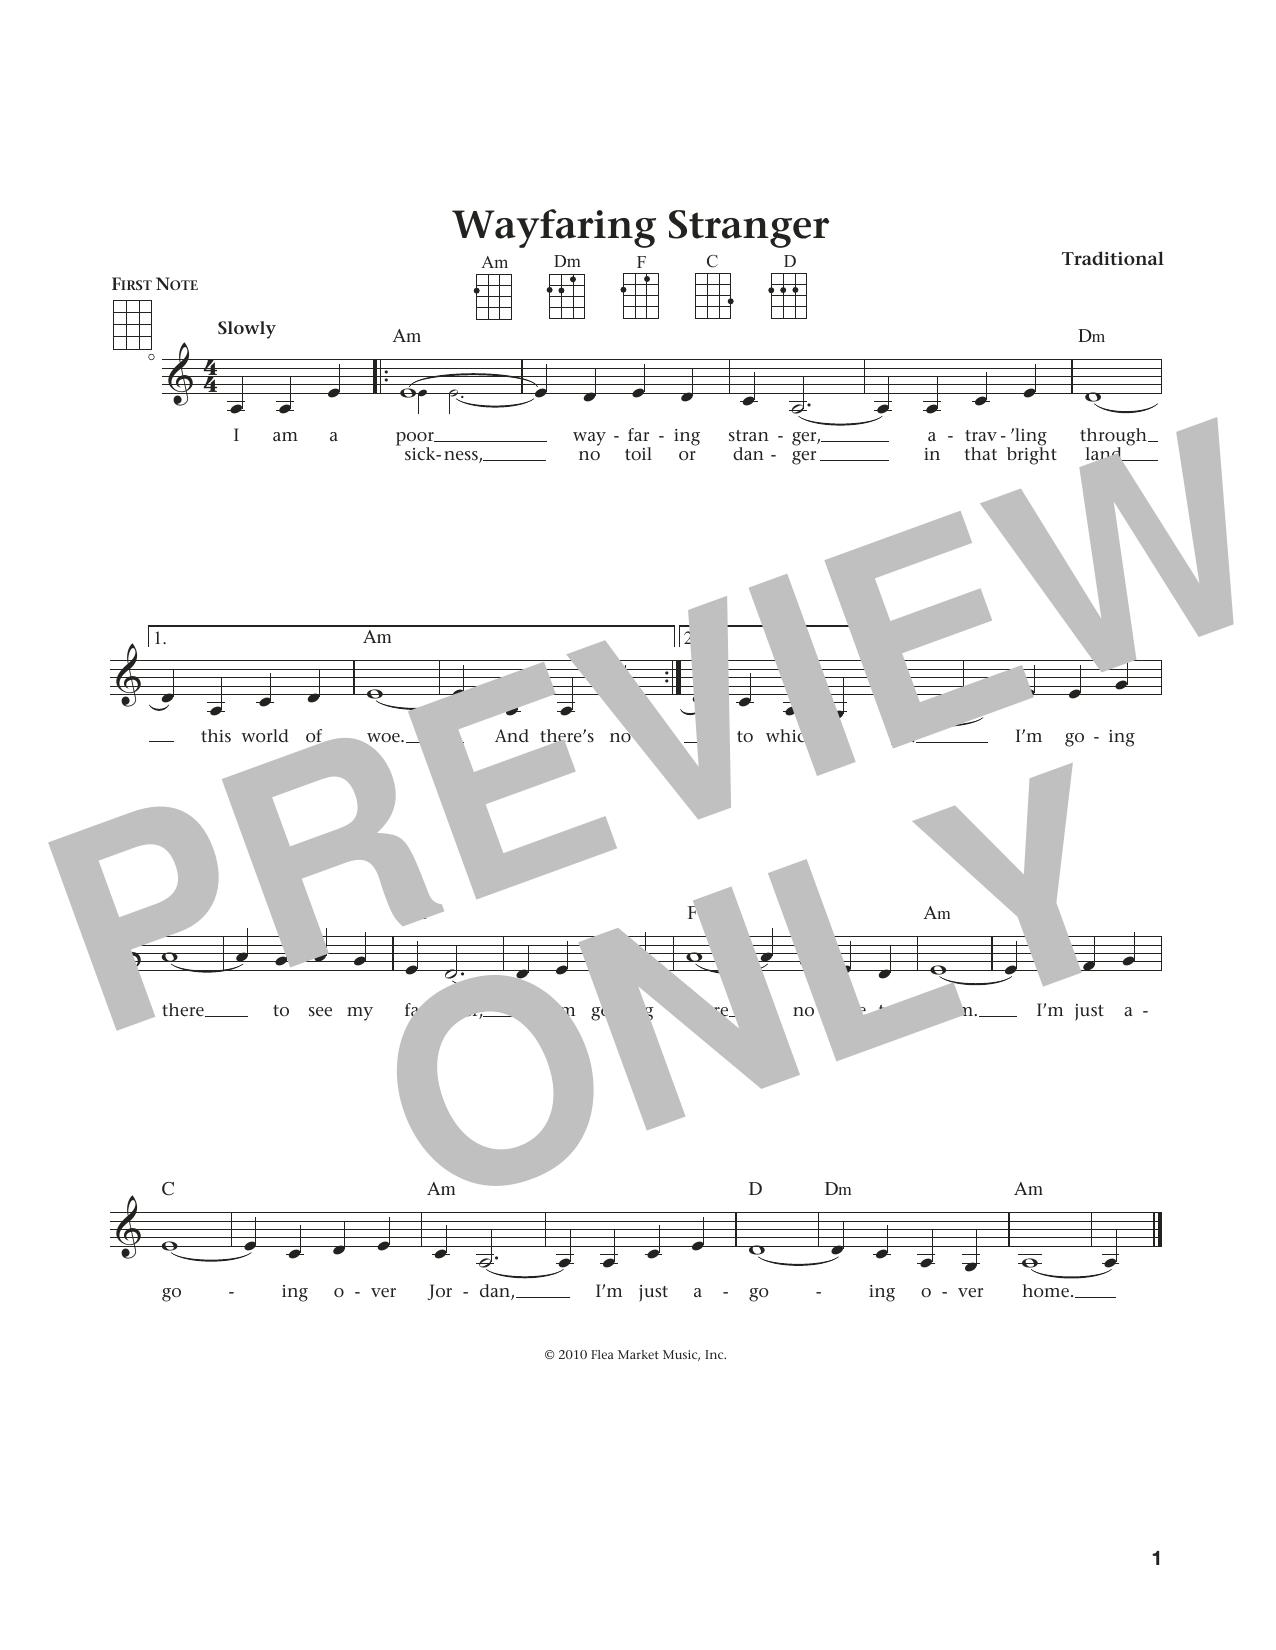 Wayfaring Stranger (from The Daily Ukulele) (arr. Liz and Jim Beloff) (Ukulele)